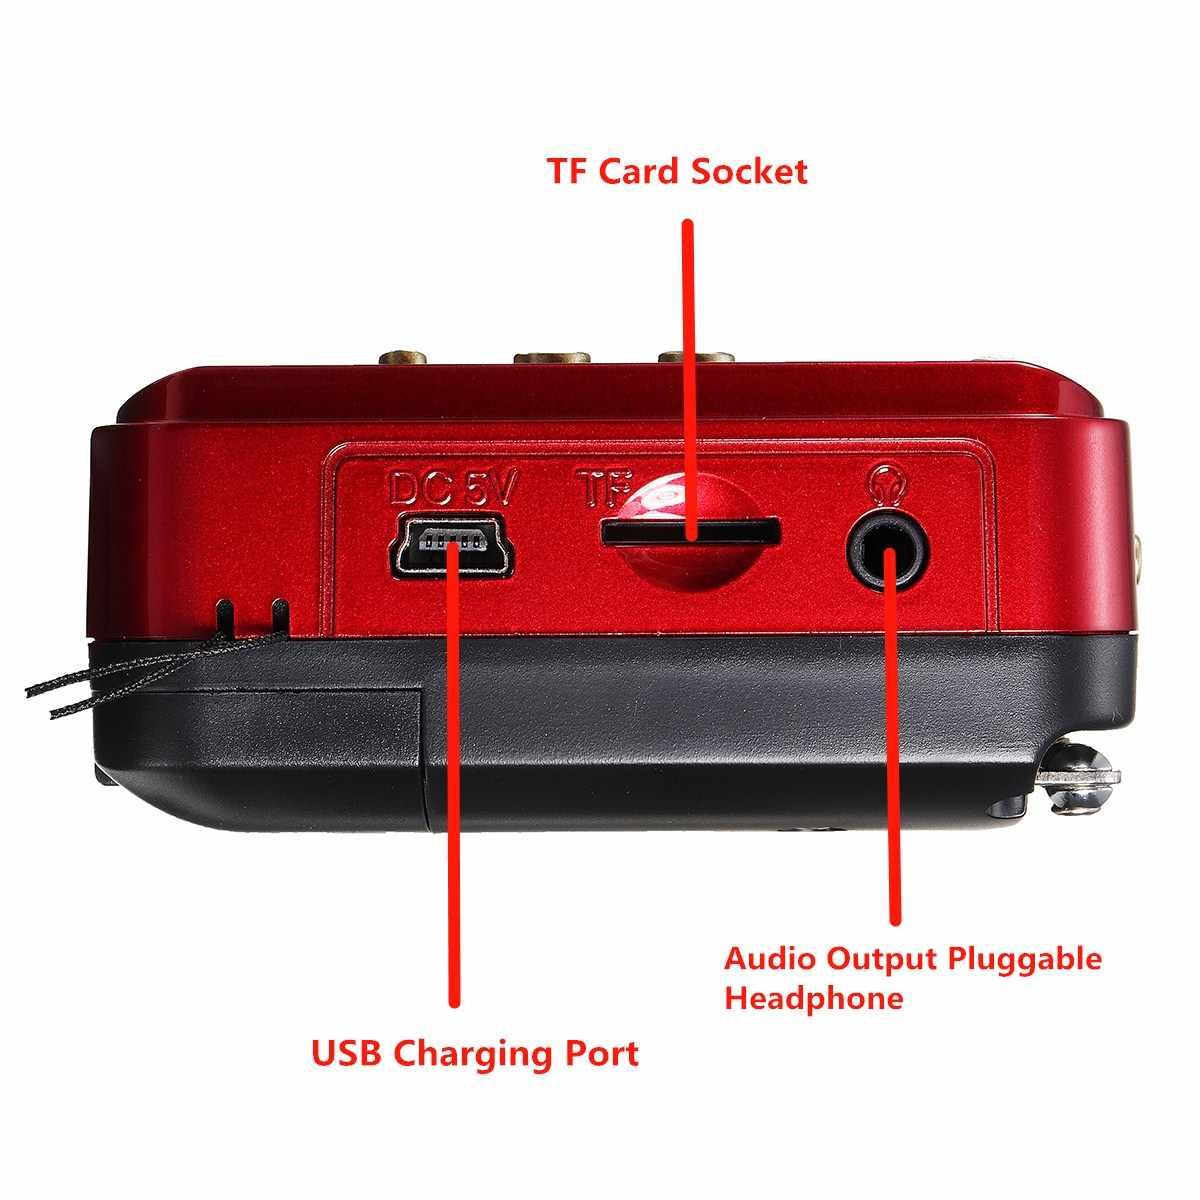 Mini Draagbare Radio Speler Handheld Digitale Fm Usb Tf MP3 Muziekspeler Speaker Oplaadbare